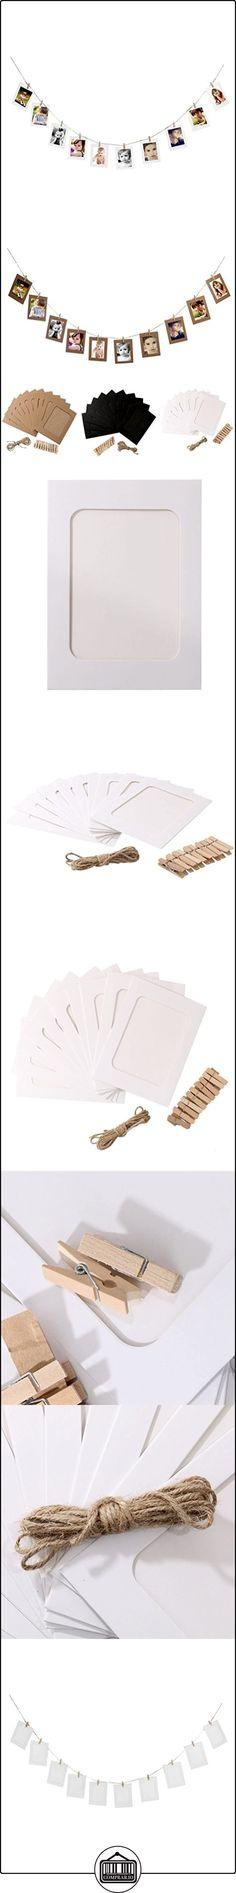 Pixnor 10pcs papel foto marcos DIY 6 pulgadas línea colgante Galería madera Clip cáñamo cuerda boda decoración blanco  ✿ Regalos para recién nacidos - Bebes ✿ ▬► Ver oferta: http://comprar.io/goto/B01LXO140N